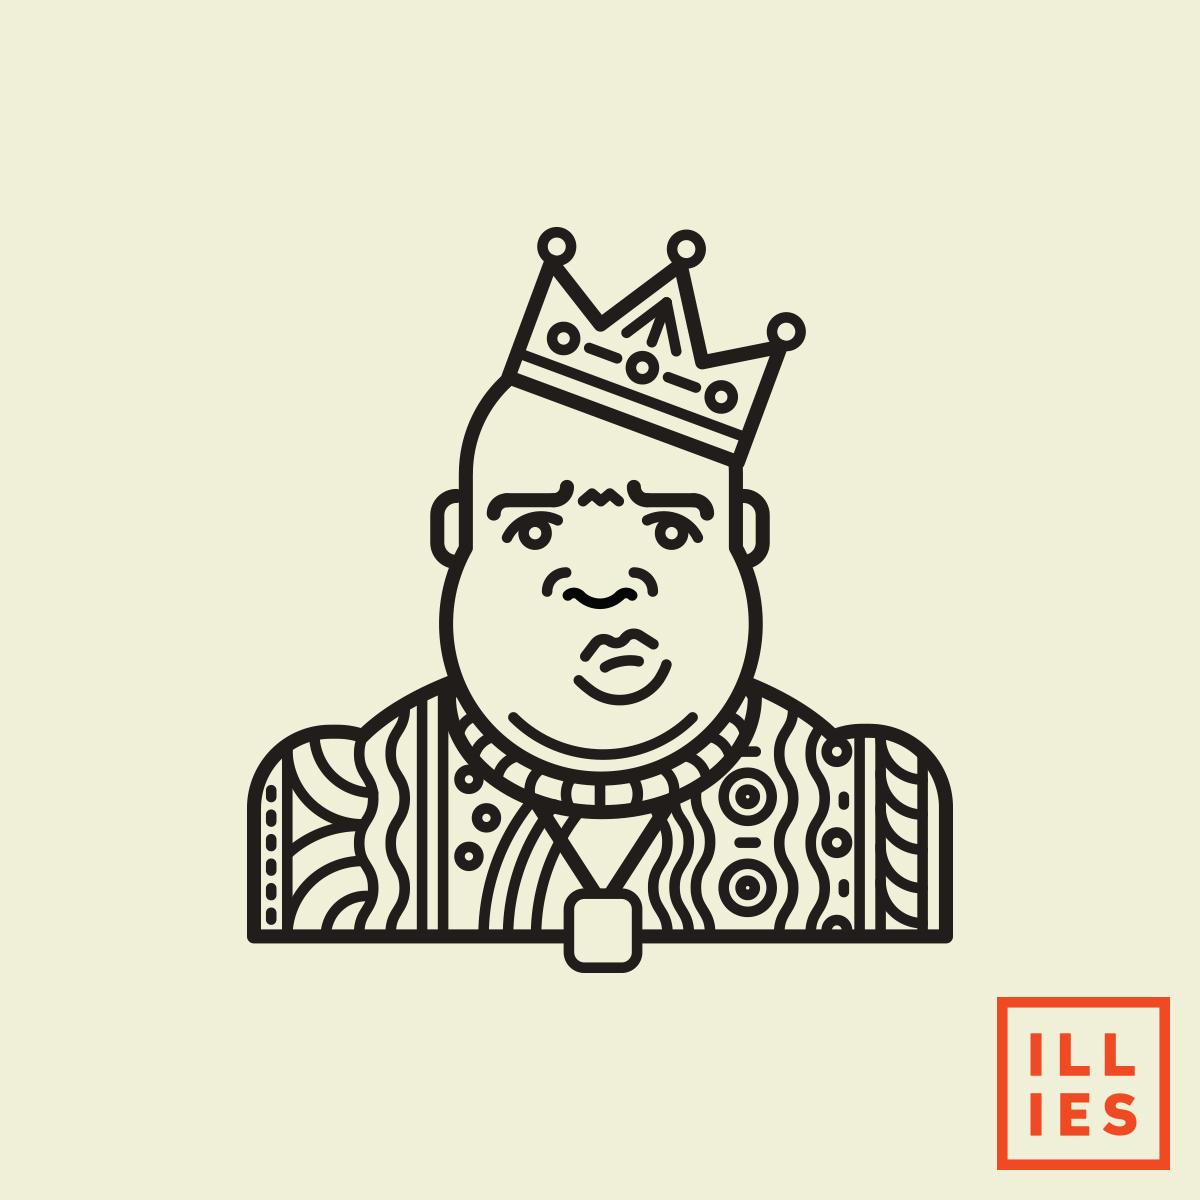 HipHopIllies-Instagram-Biggie.jpg